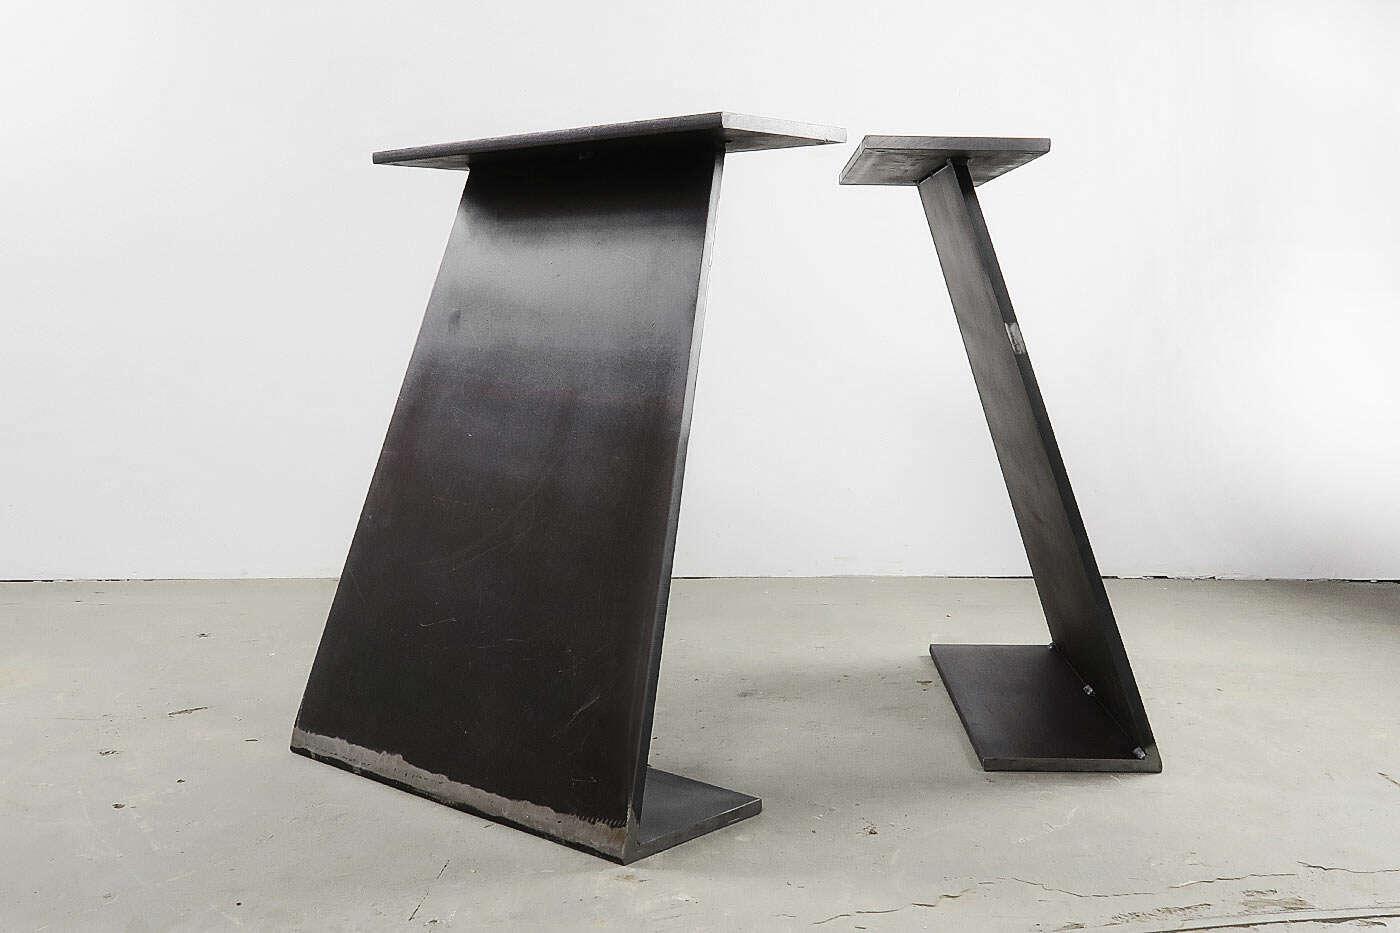 m belgesch fte xxl xxxlutz es wird eingerichtet bad t lz. Black Bedroom Furniture Sets. Home Design Ideas